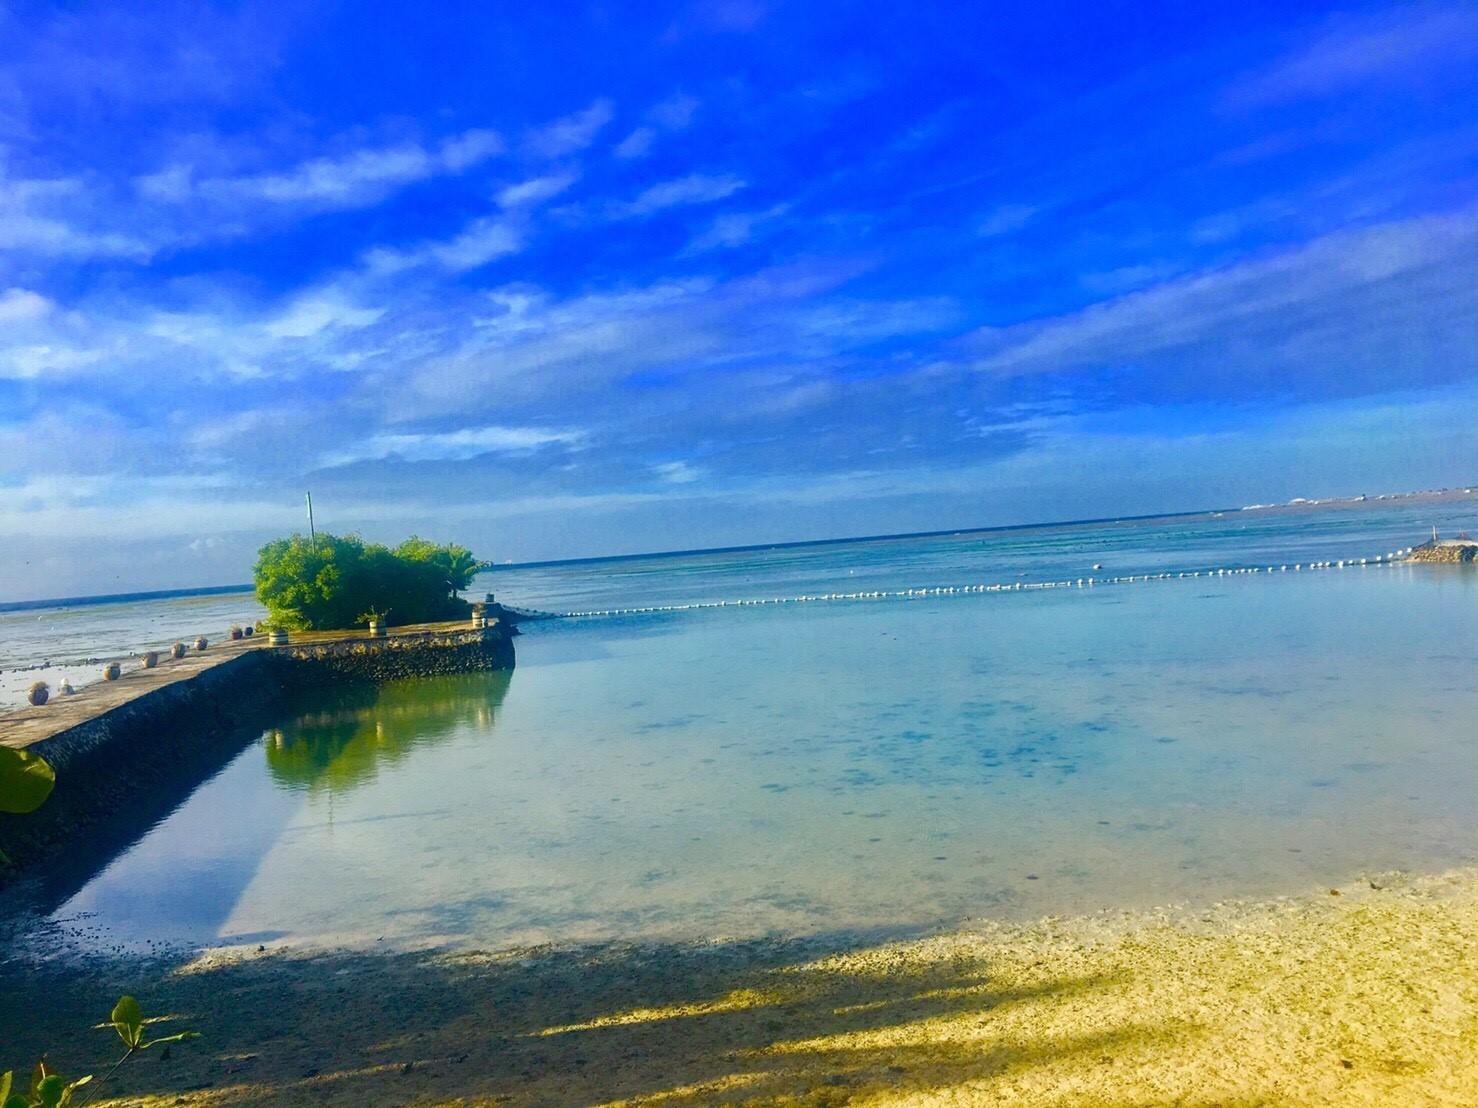 プチプラ贅沢旅行 --フィリピン【セブ島】で女子旅♪--_1_1-1